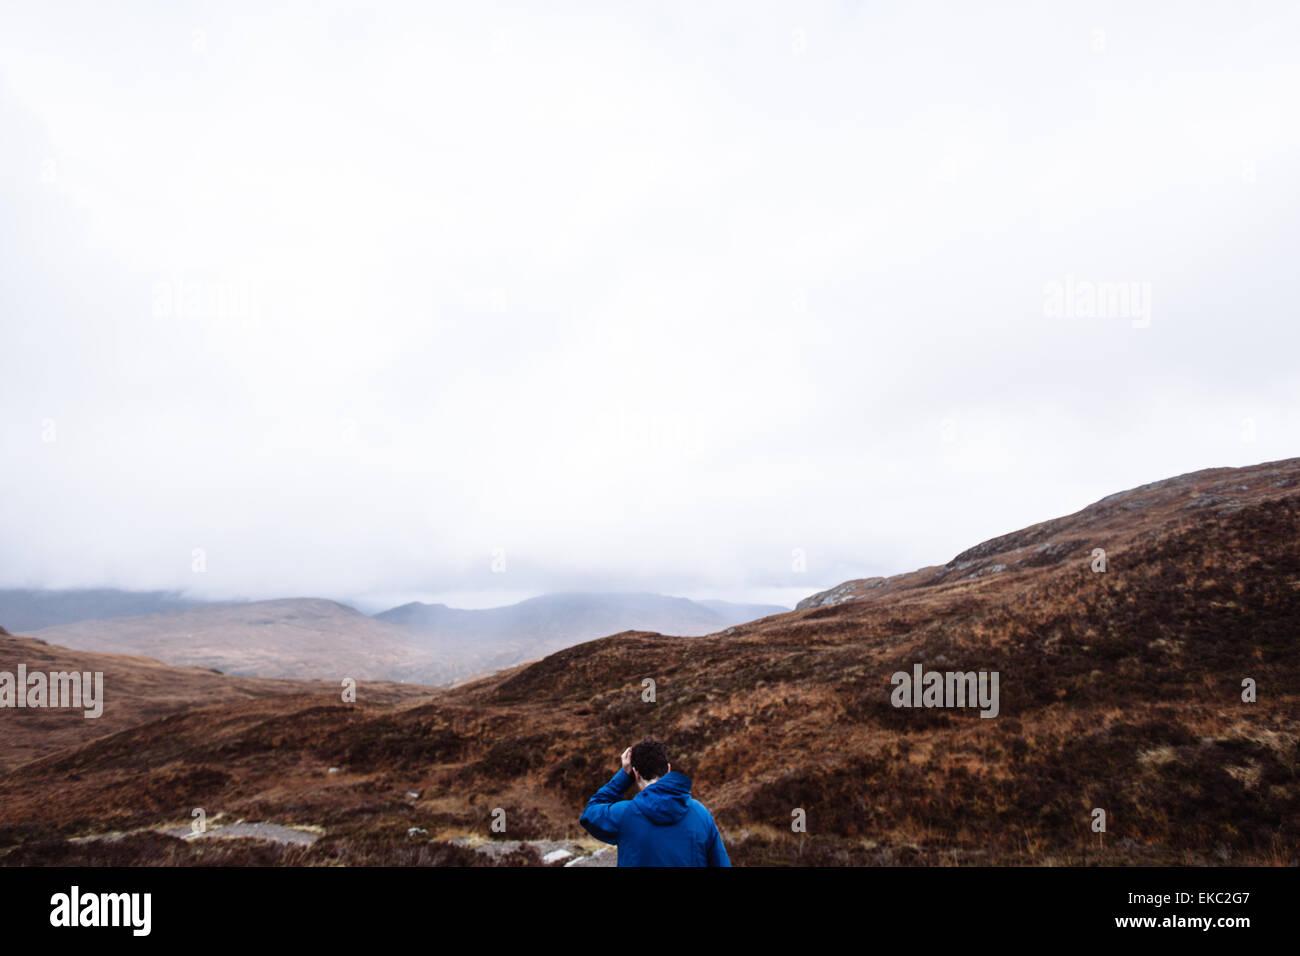 Menschen wandern, Glencoe, Schottisches Hochland, Schottland Stockbild